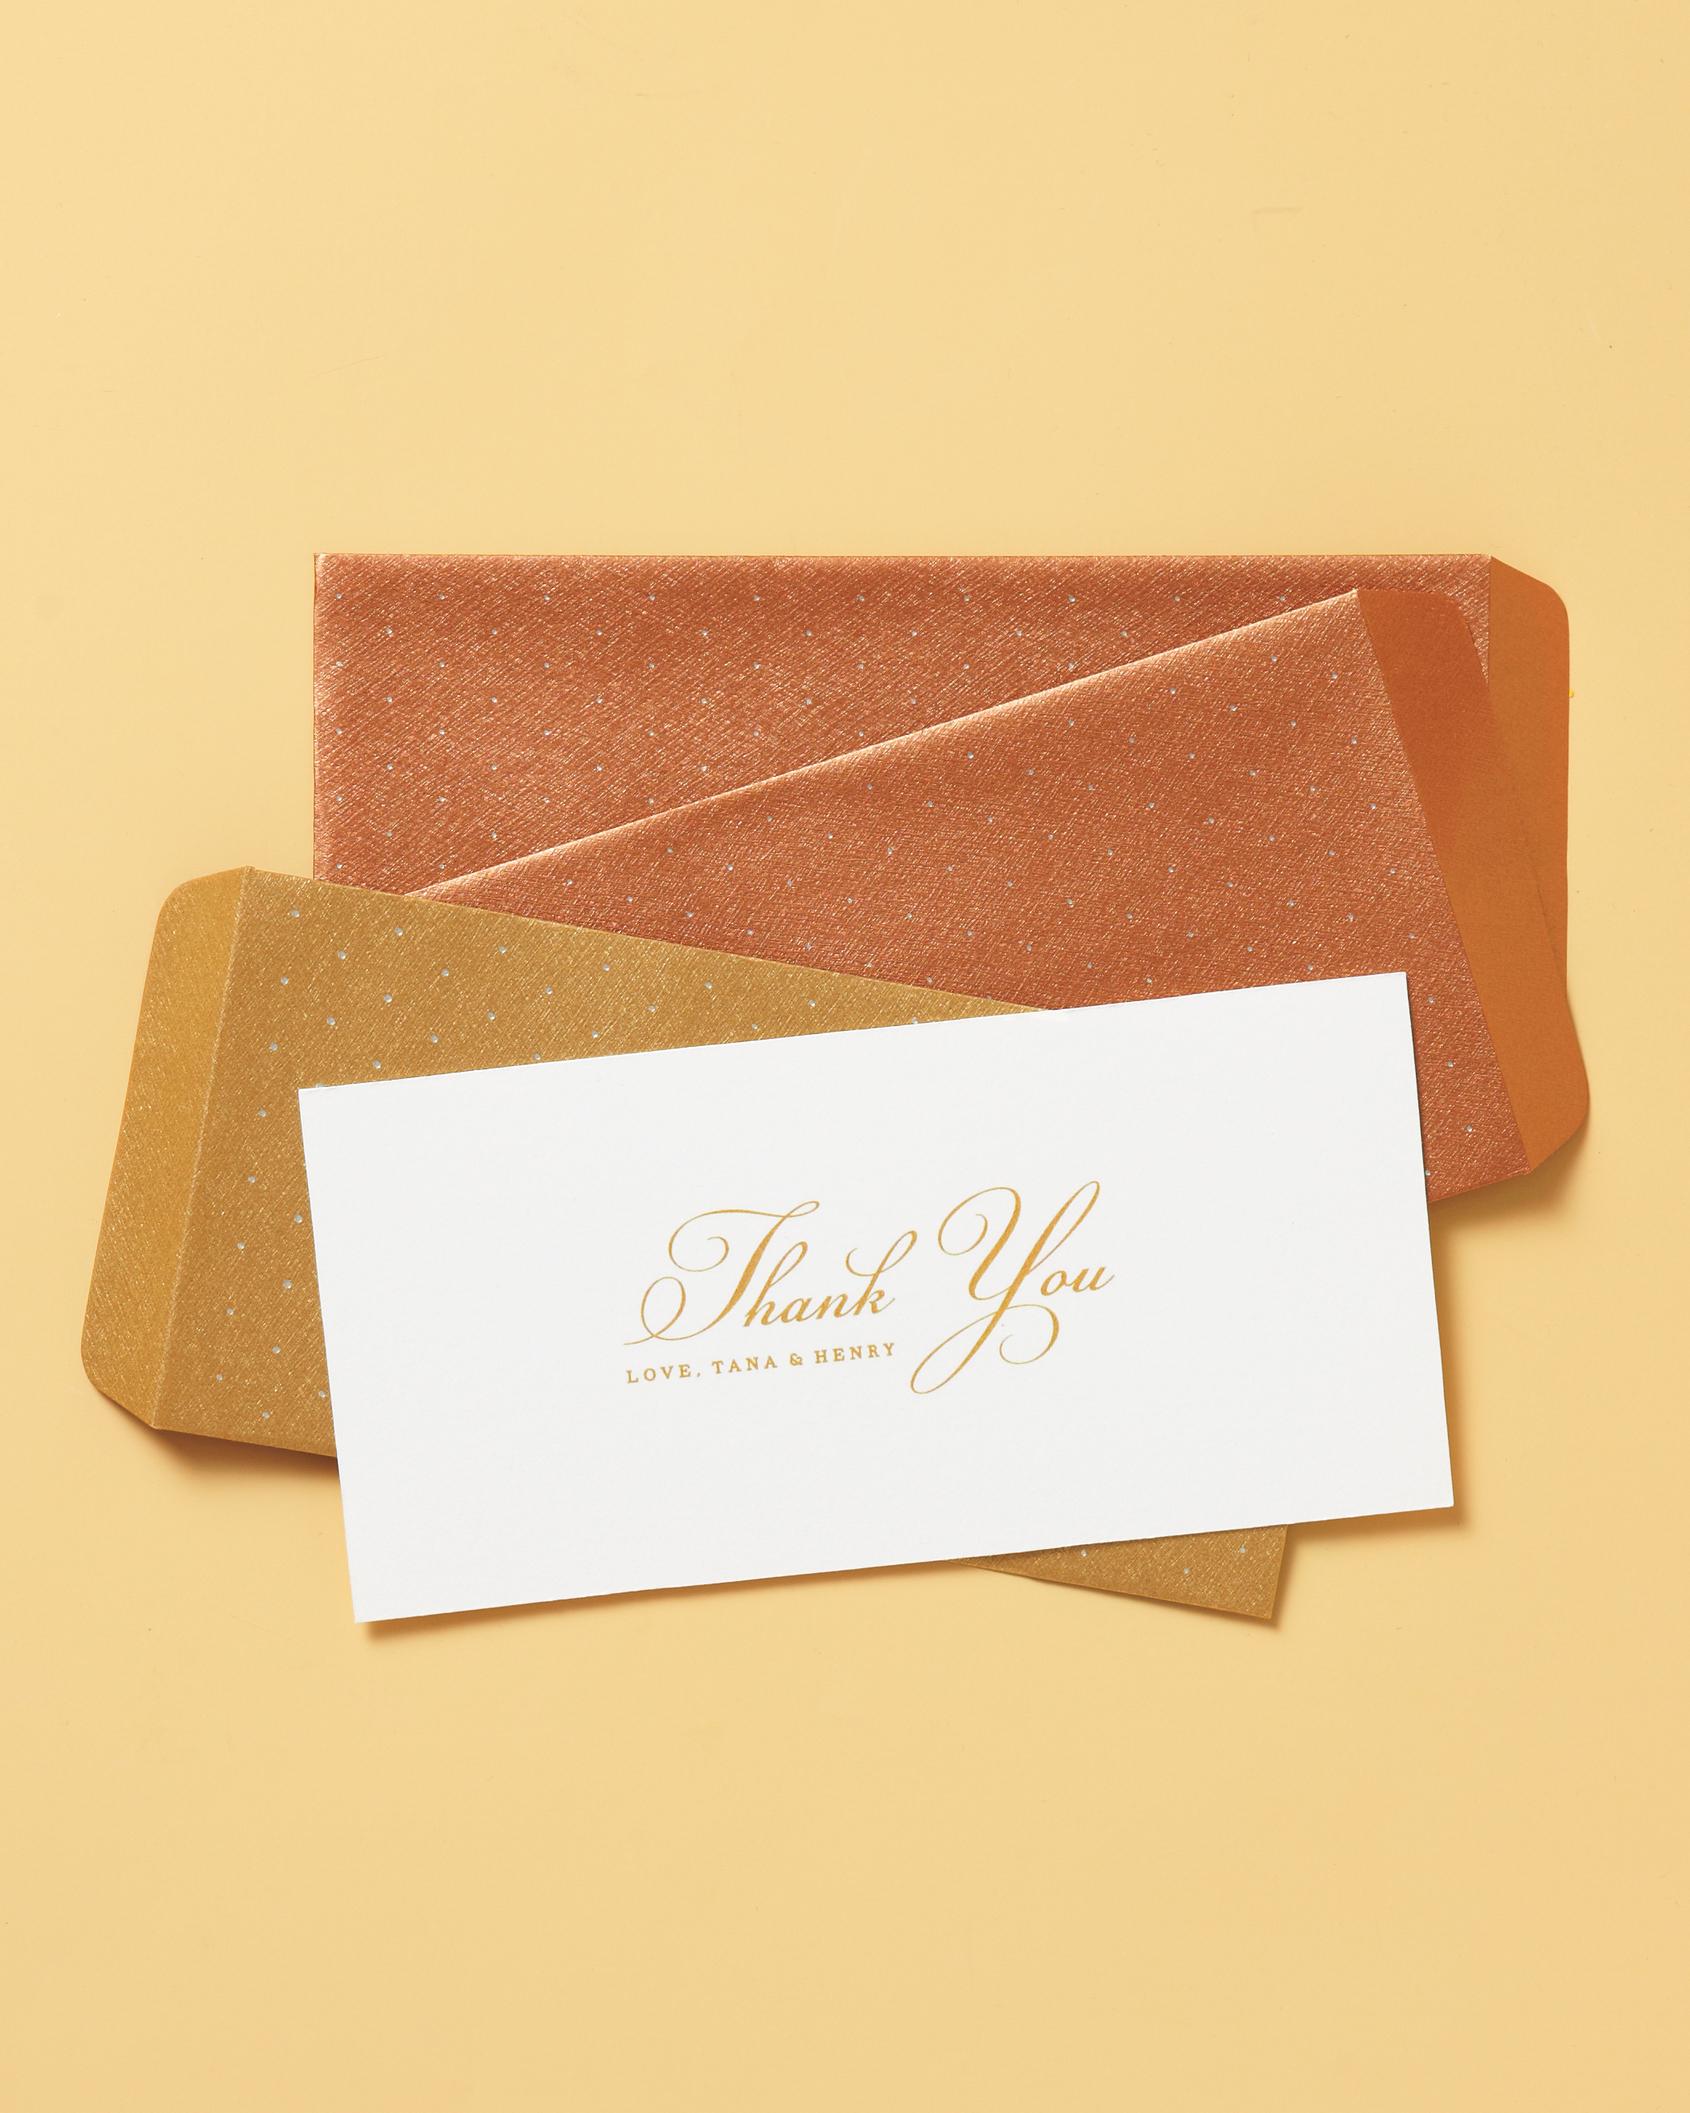 envelopes-026-mwd110589.jpg